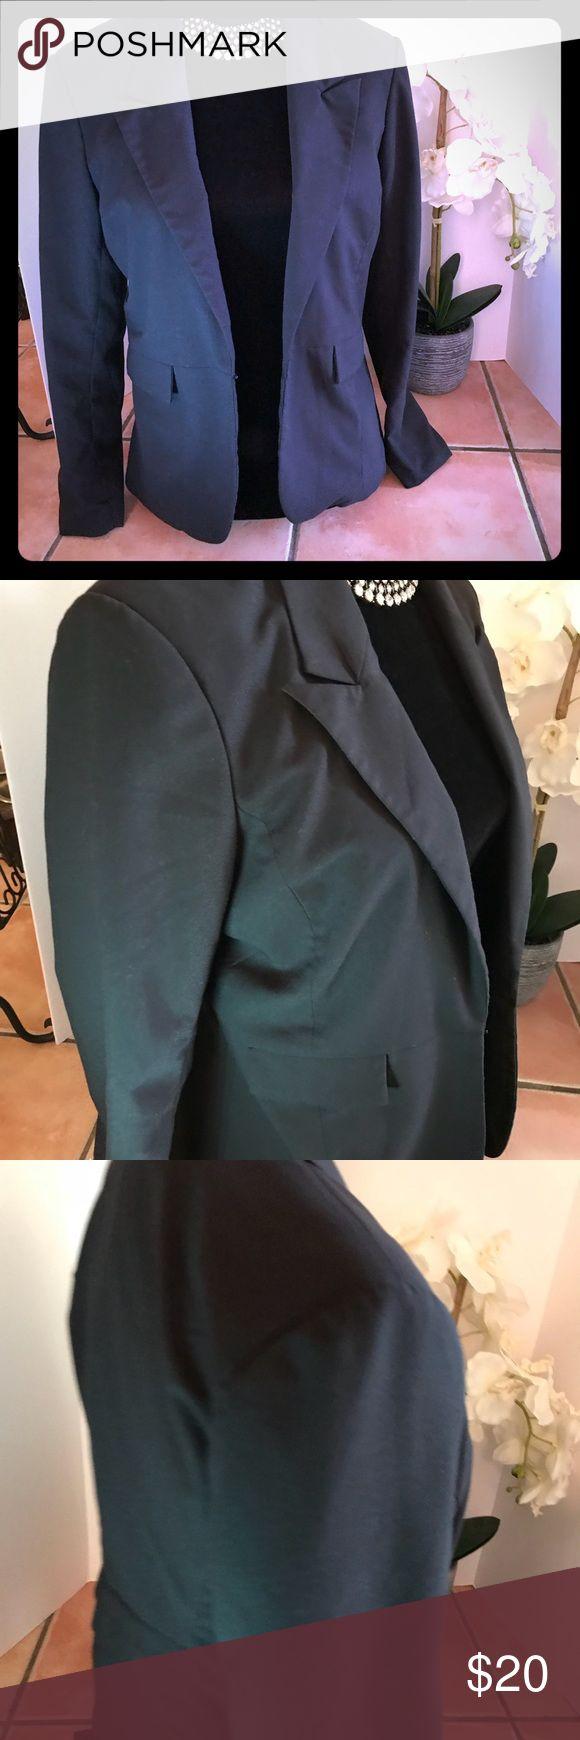 ❤️Kardashian Kollection Size Large Blazer ❤️Black Large Kardashian Kollection blazer Kardashian Kollection Jackets & Coats Blazers